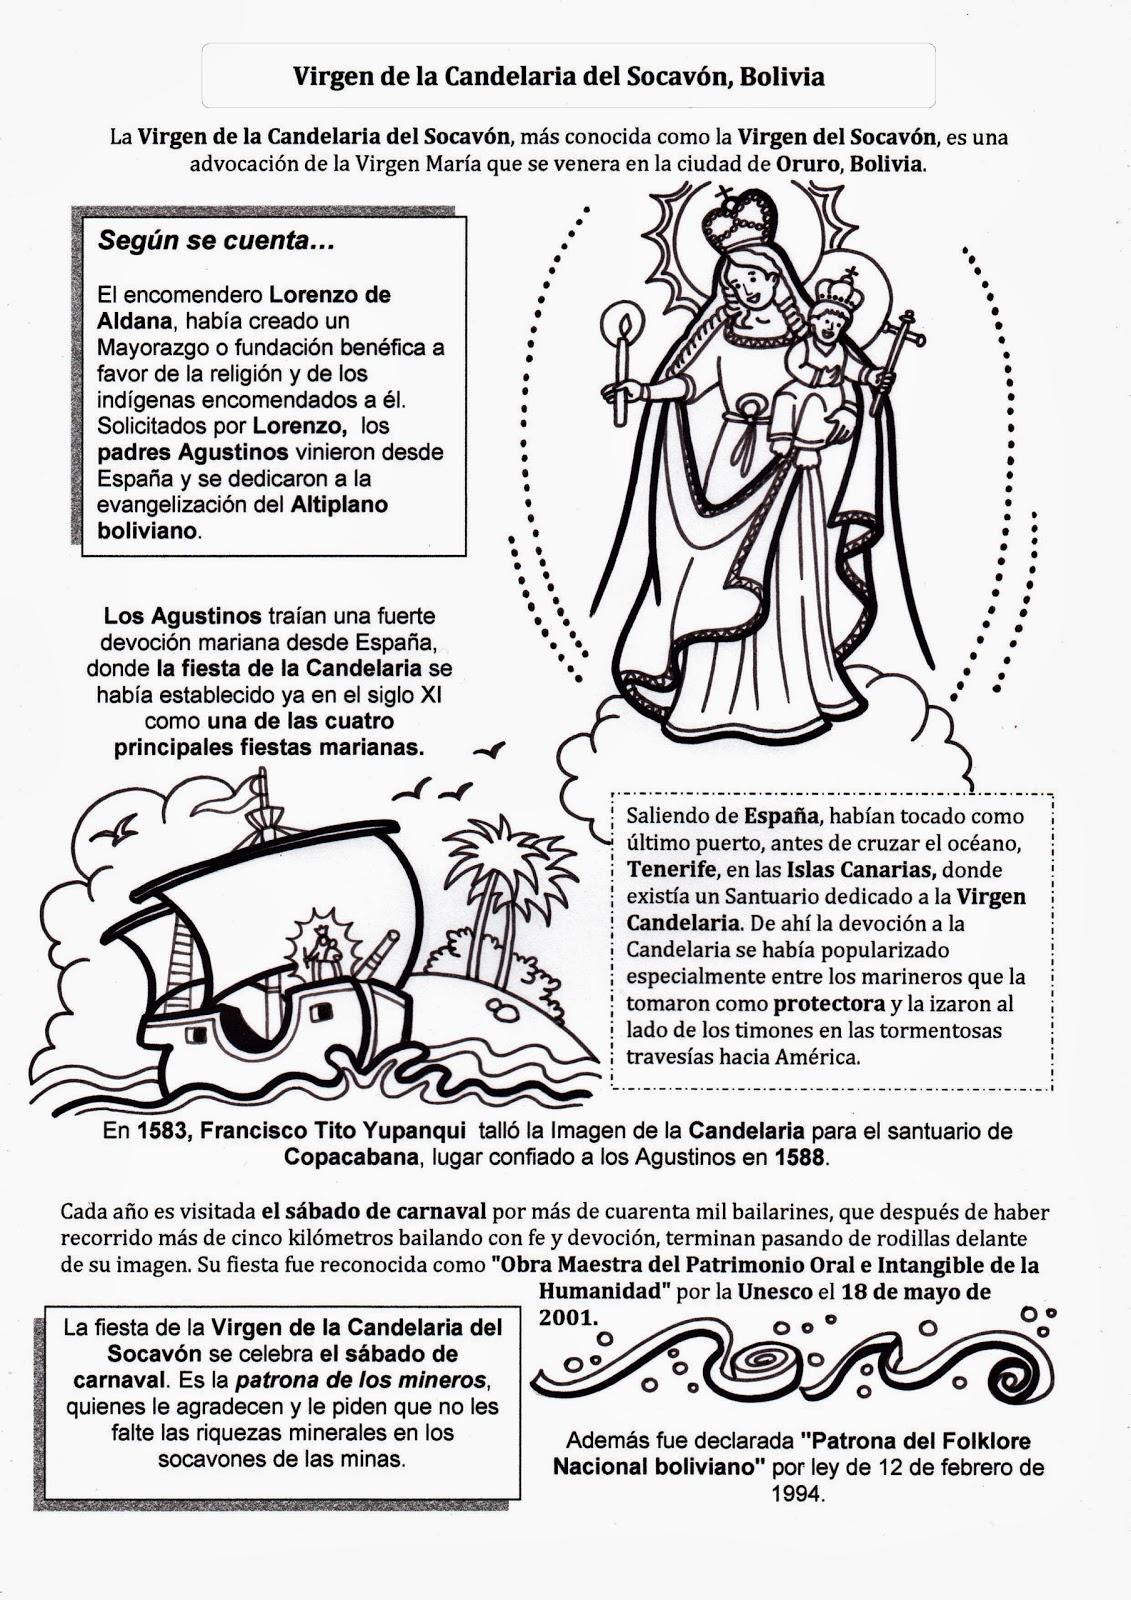 Dios De De 7 La Sacramentos Los Ley